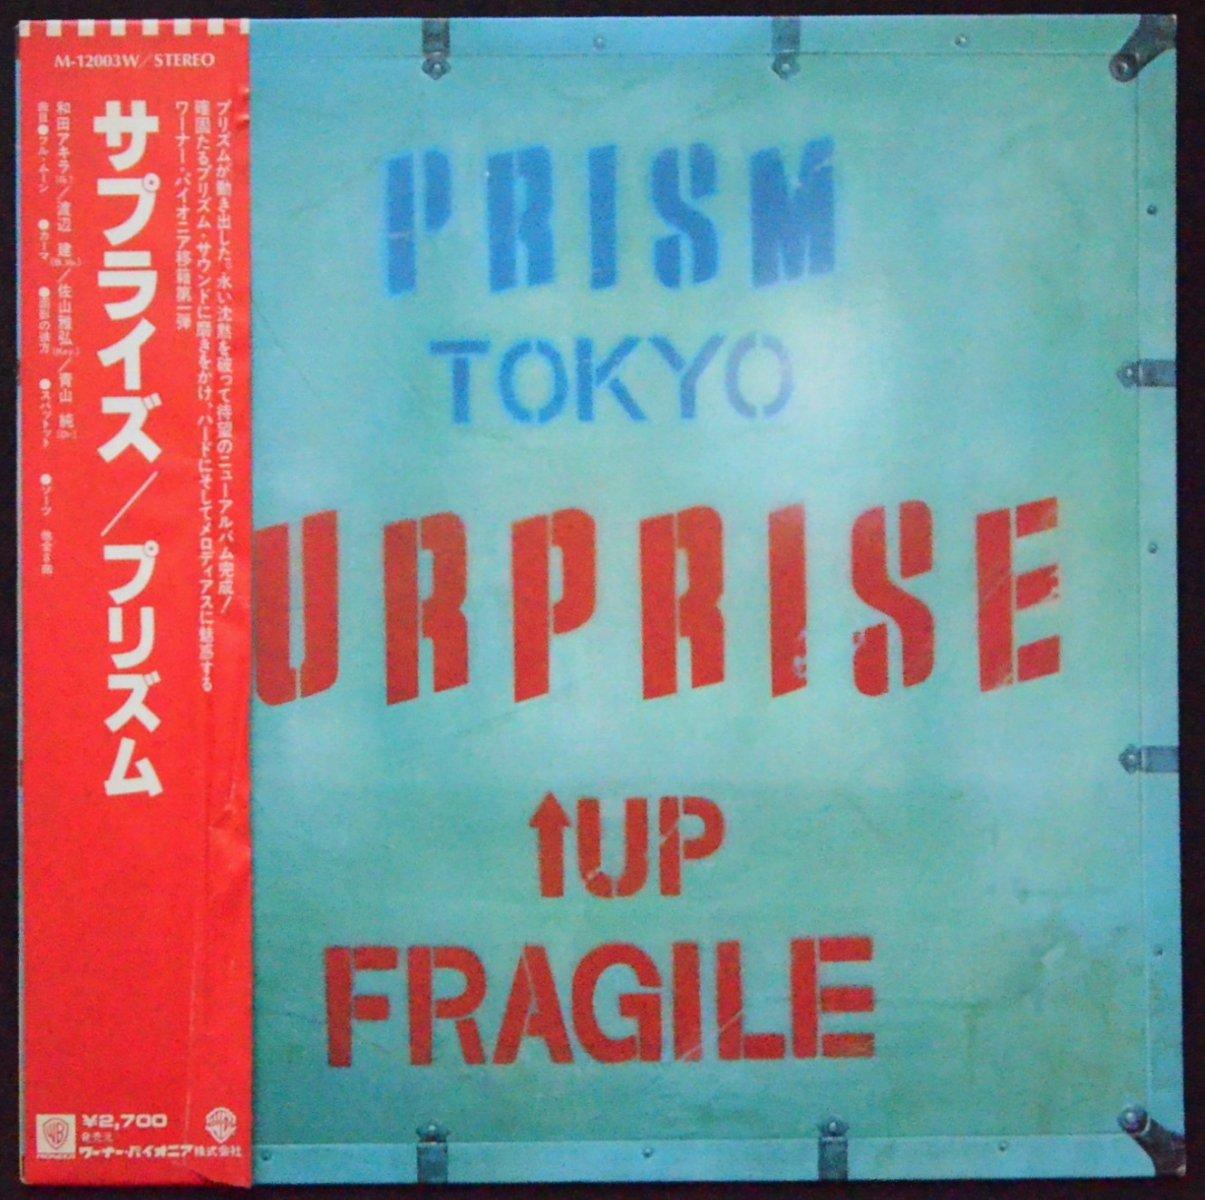 プリズム PRISM / サプライズ SURPRISE (LP)